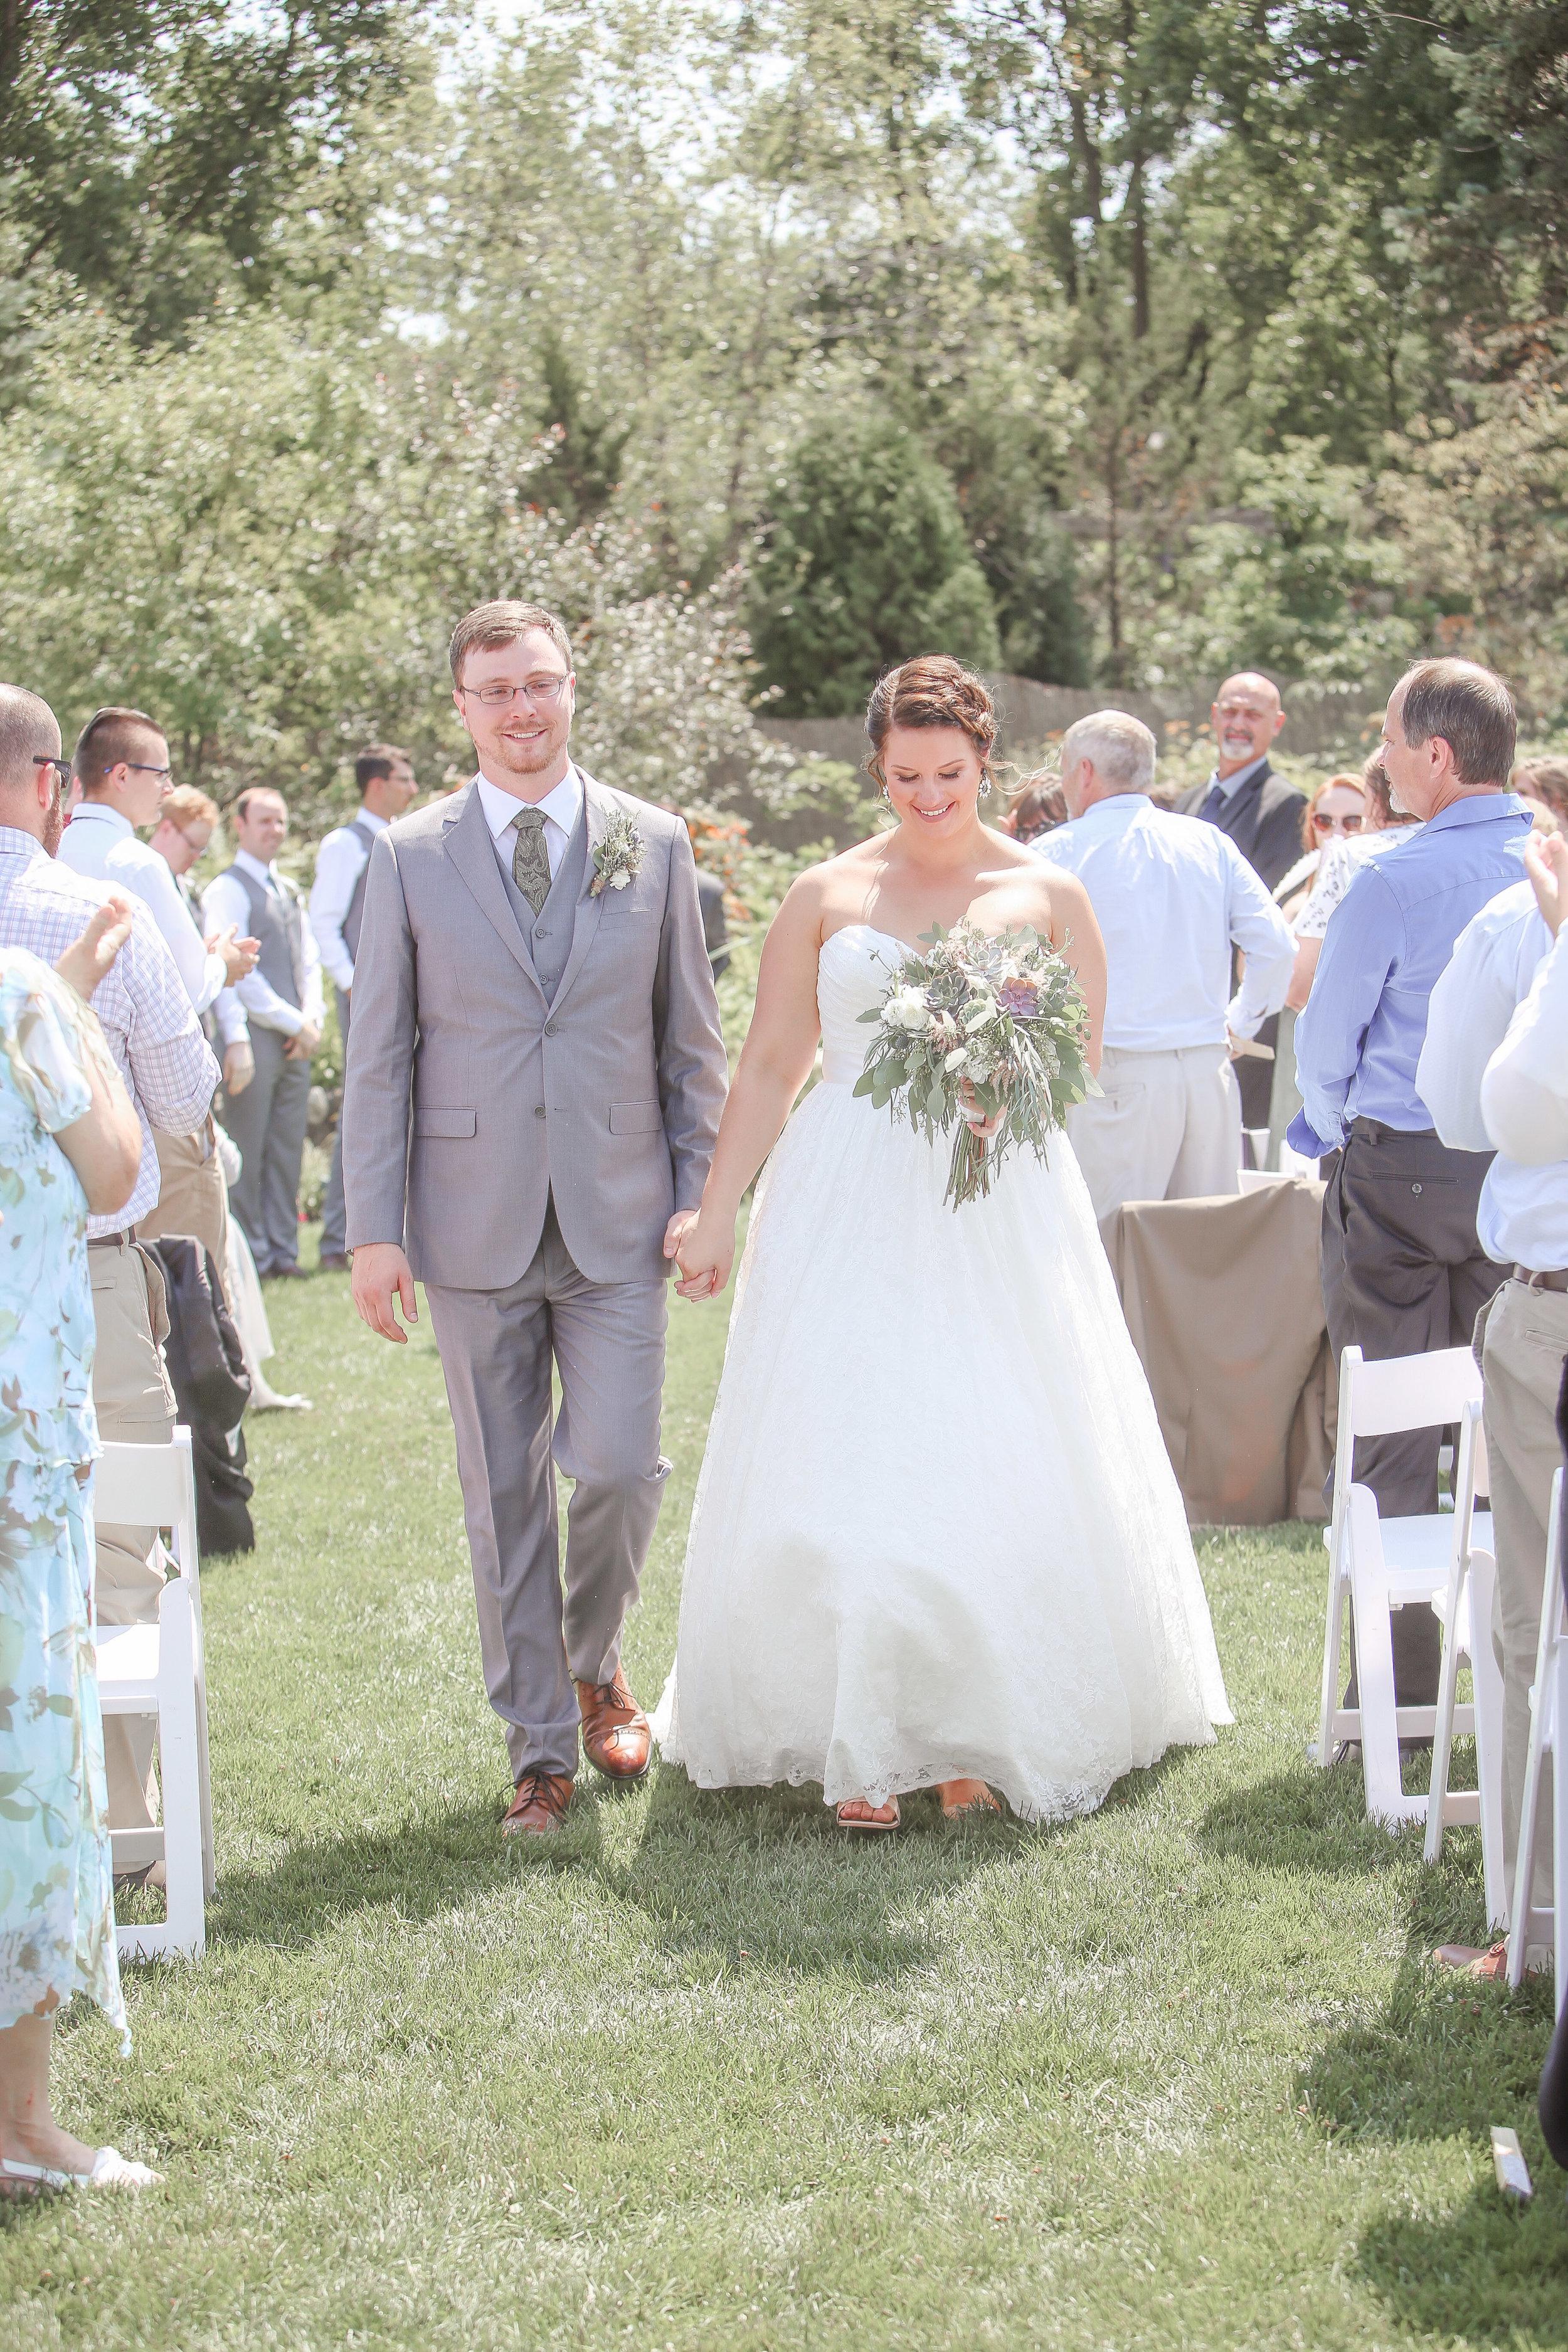 C_Wedding_Sarver, Alyssa & Scott_FOR BLOG-102.JPG